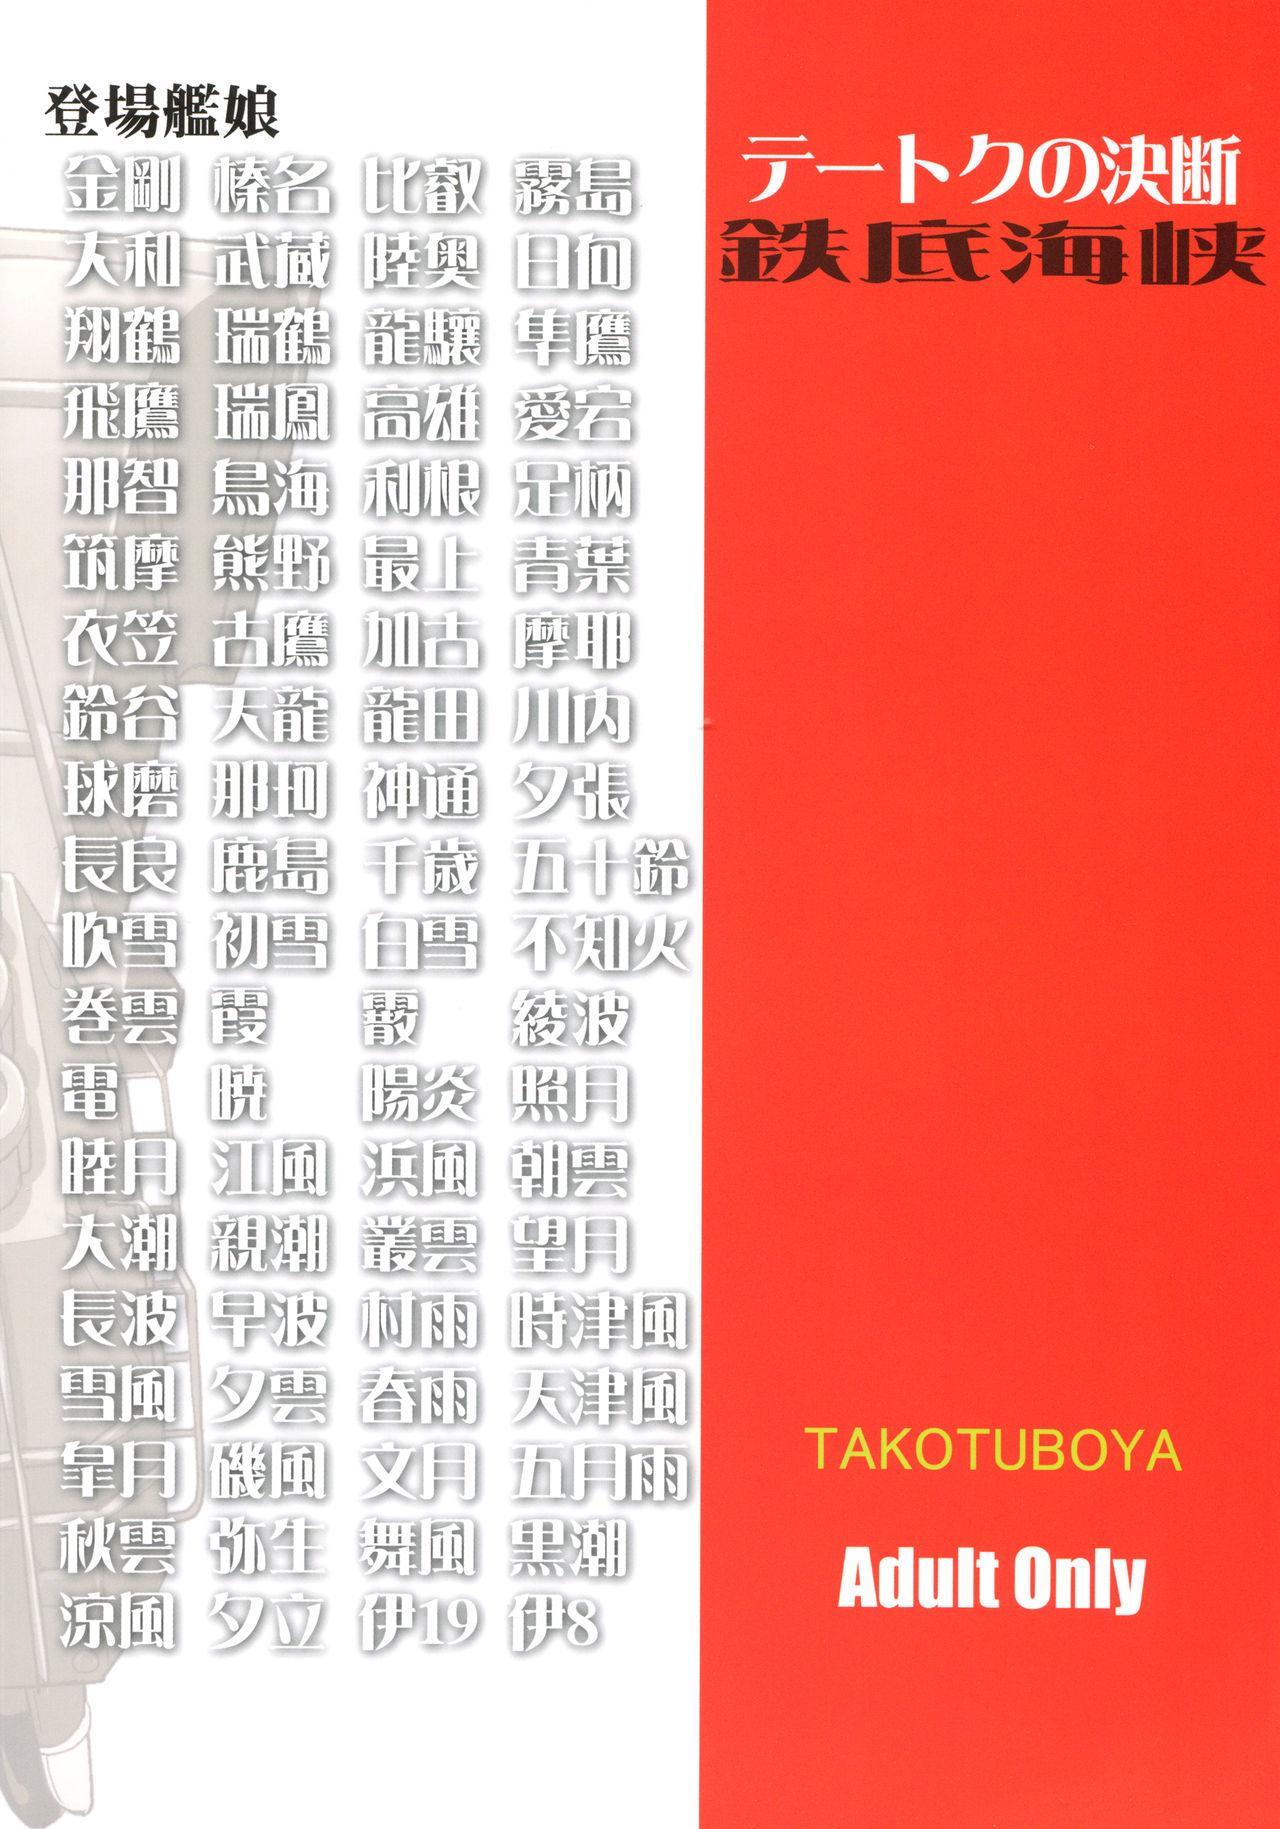 Teitoku no Ketsudan Iron Bottom Sound 57